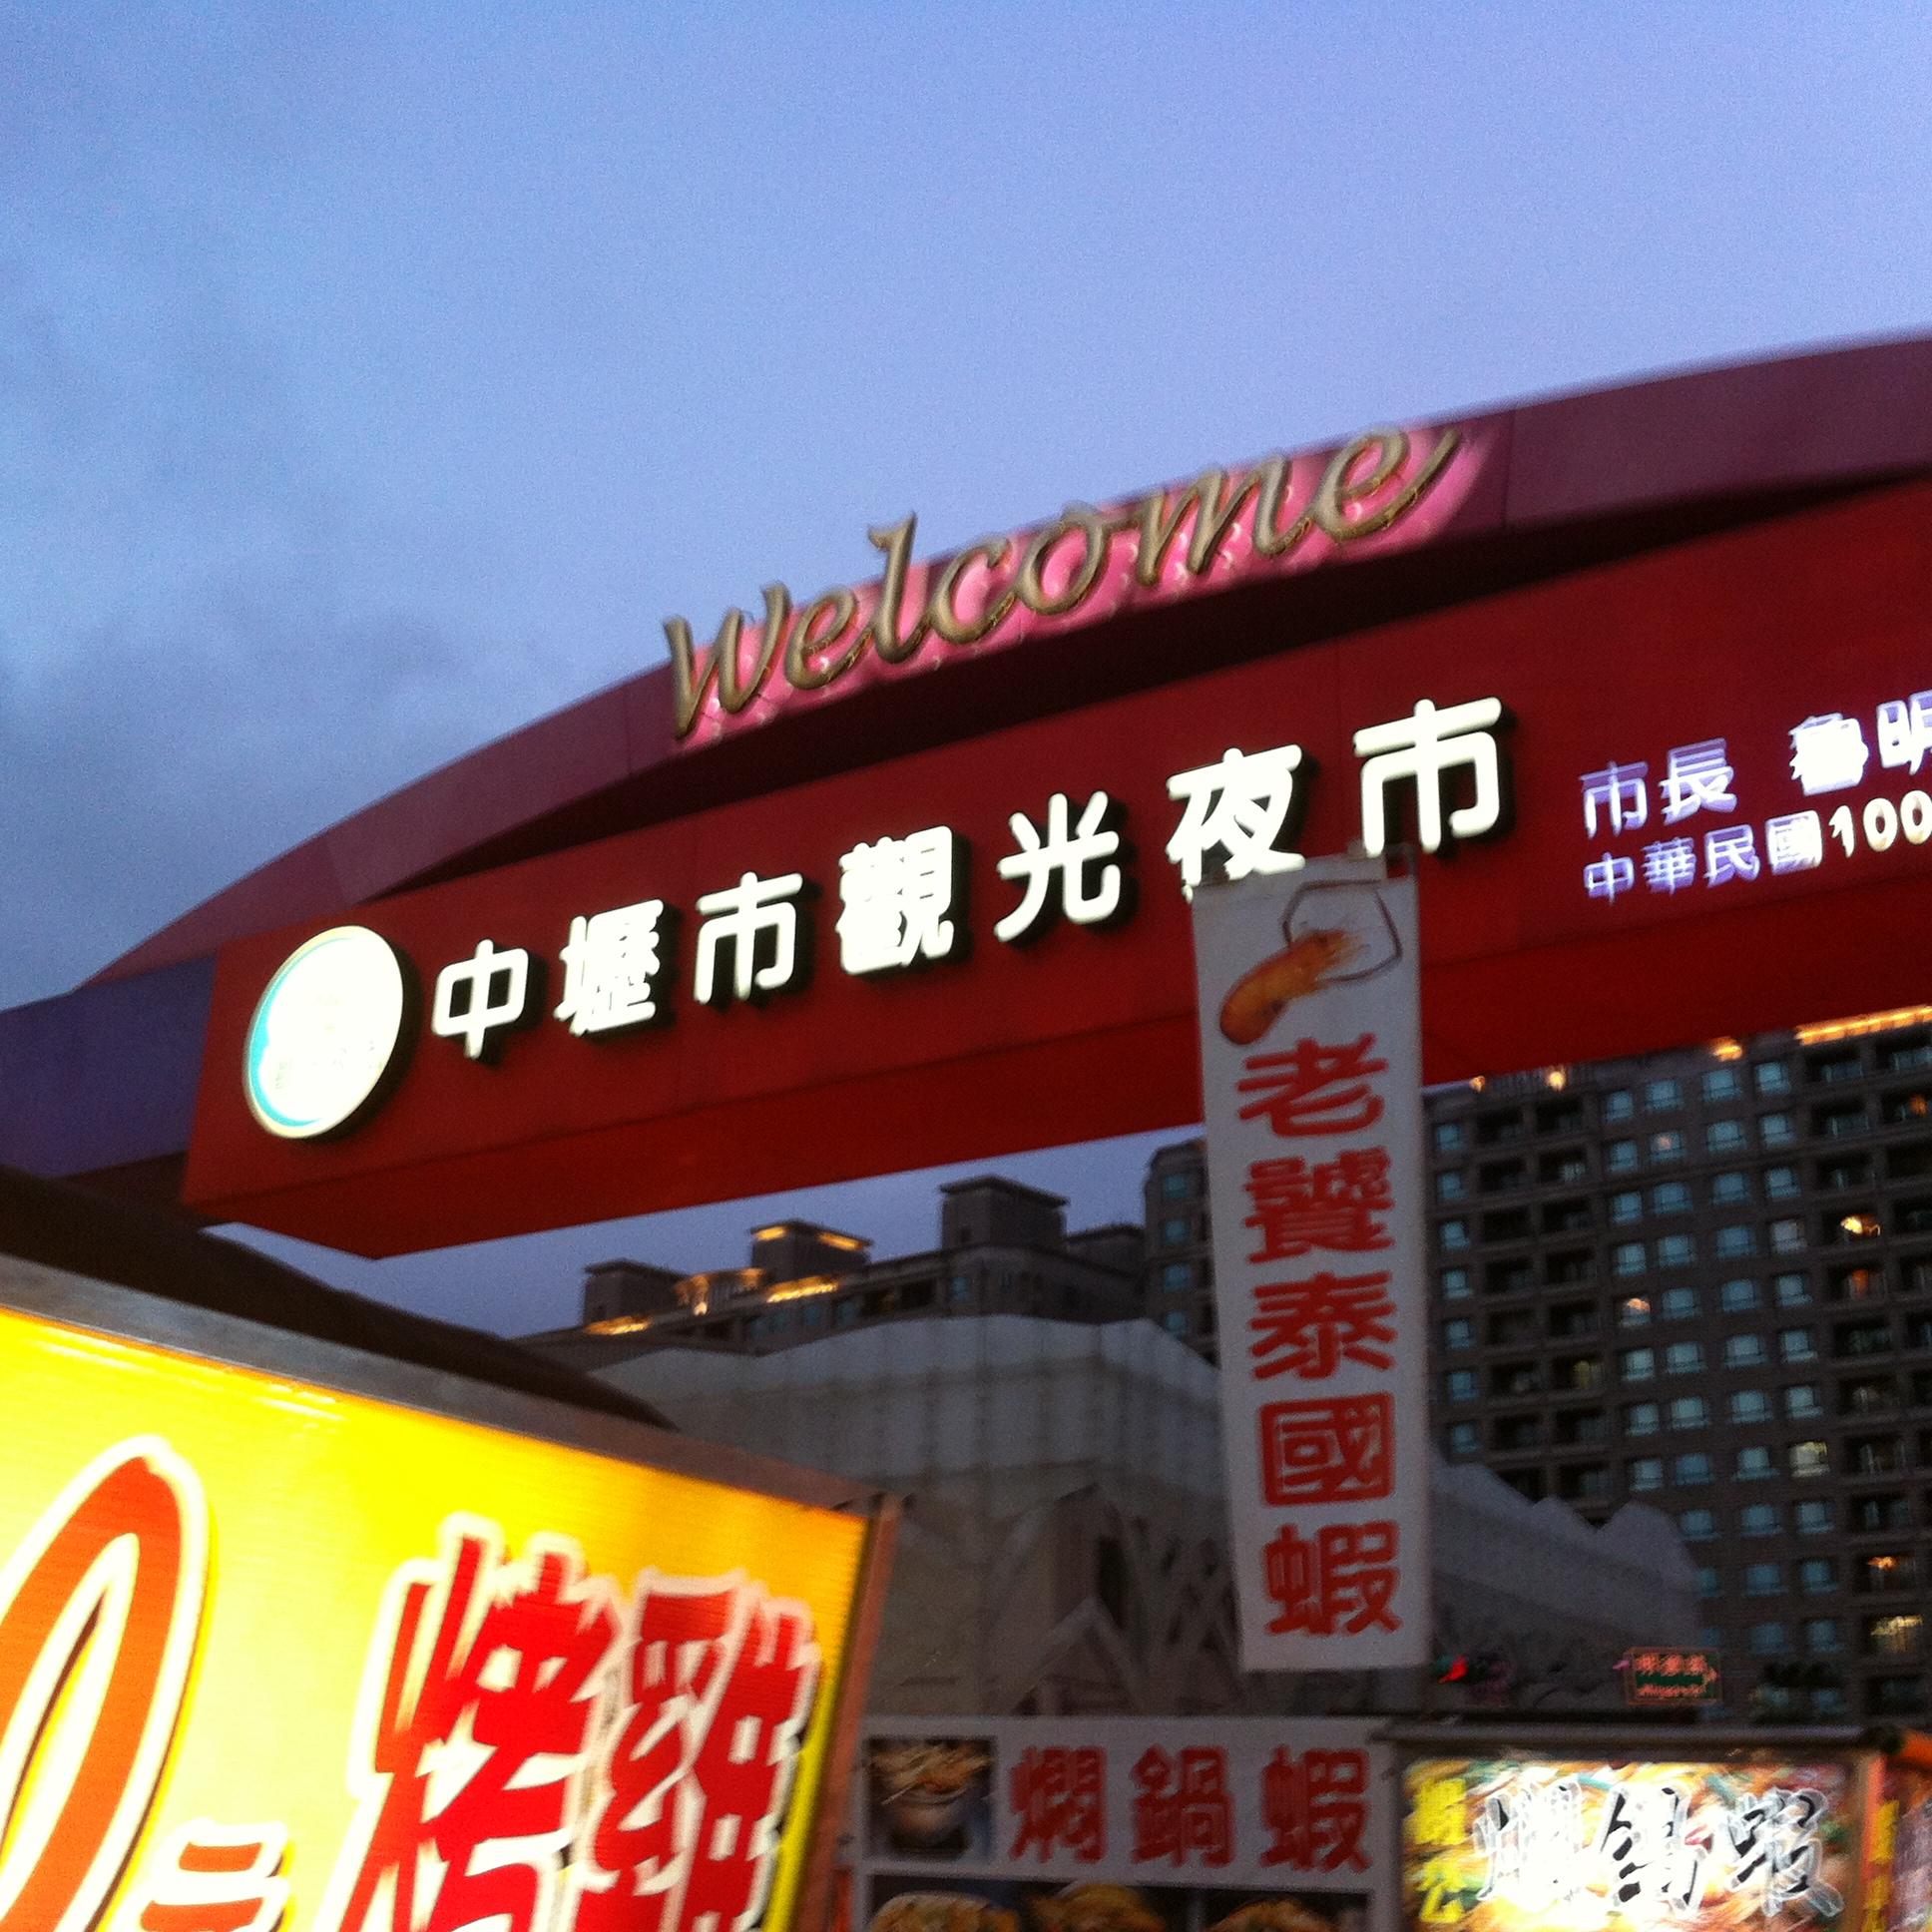 【夜市】桃園県最大の夜市「中歴観光夜市」に初めて行った!